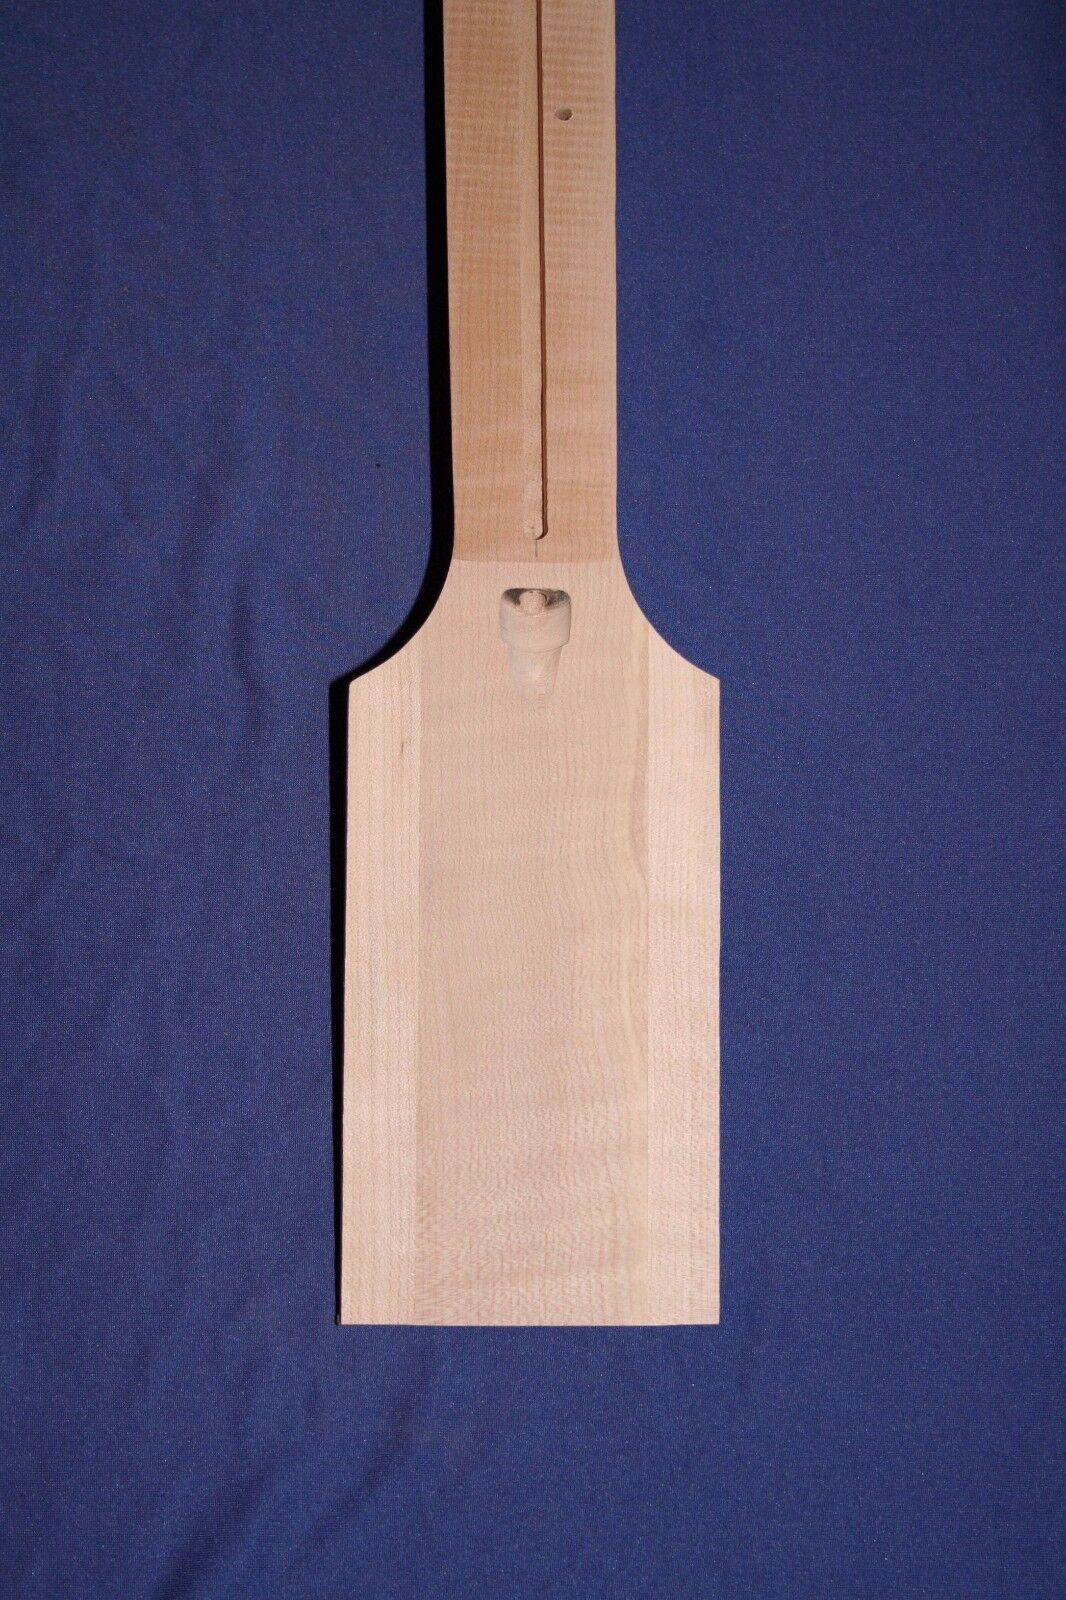 Neck Blank Thin Hollowbody Model 300 12deg. hdsk 4deg.nk.jt  Medium Flamed Maple